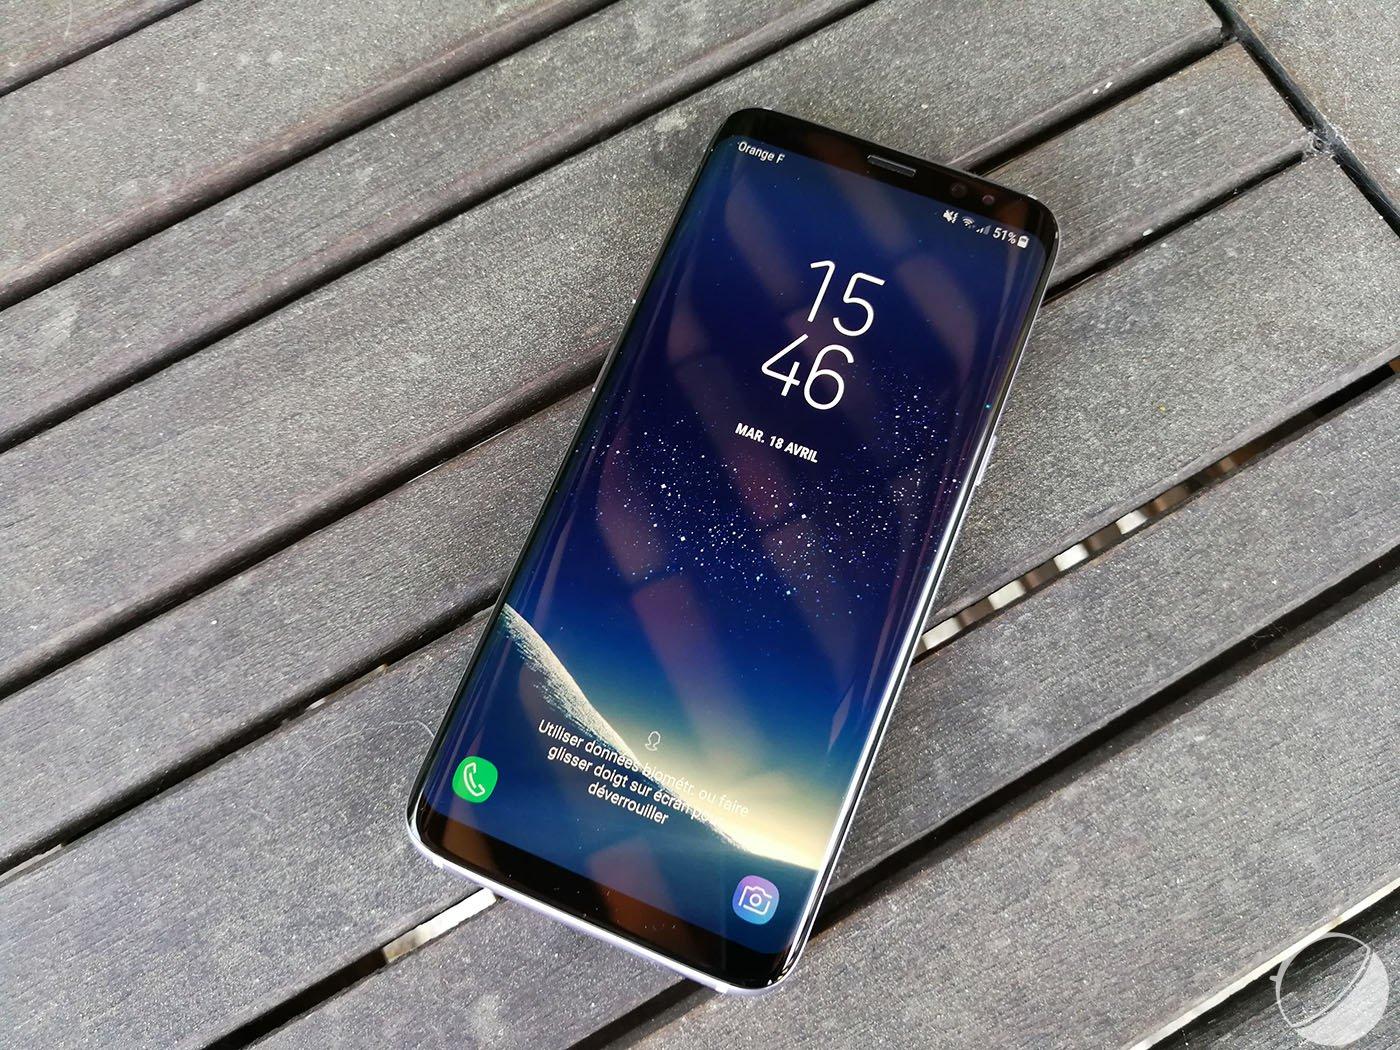 🔥 Bon plan : le Samsung Galaxy S8 à 519 euros sur Materiel.net avec ce code promo jusqu'à minuit